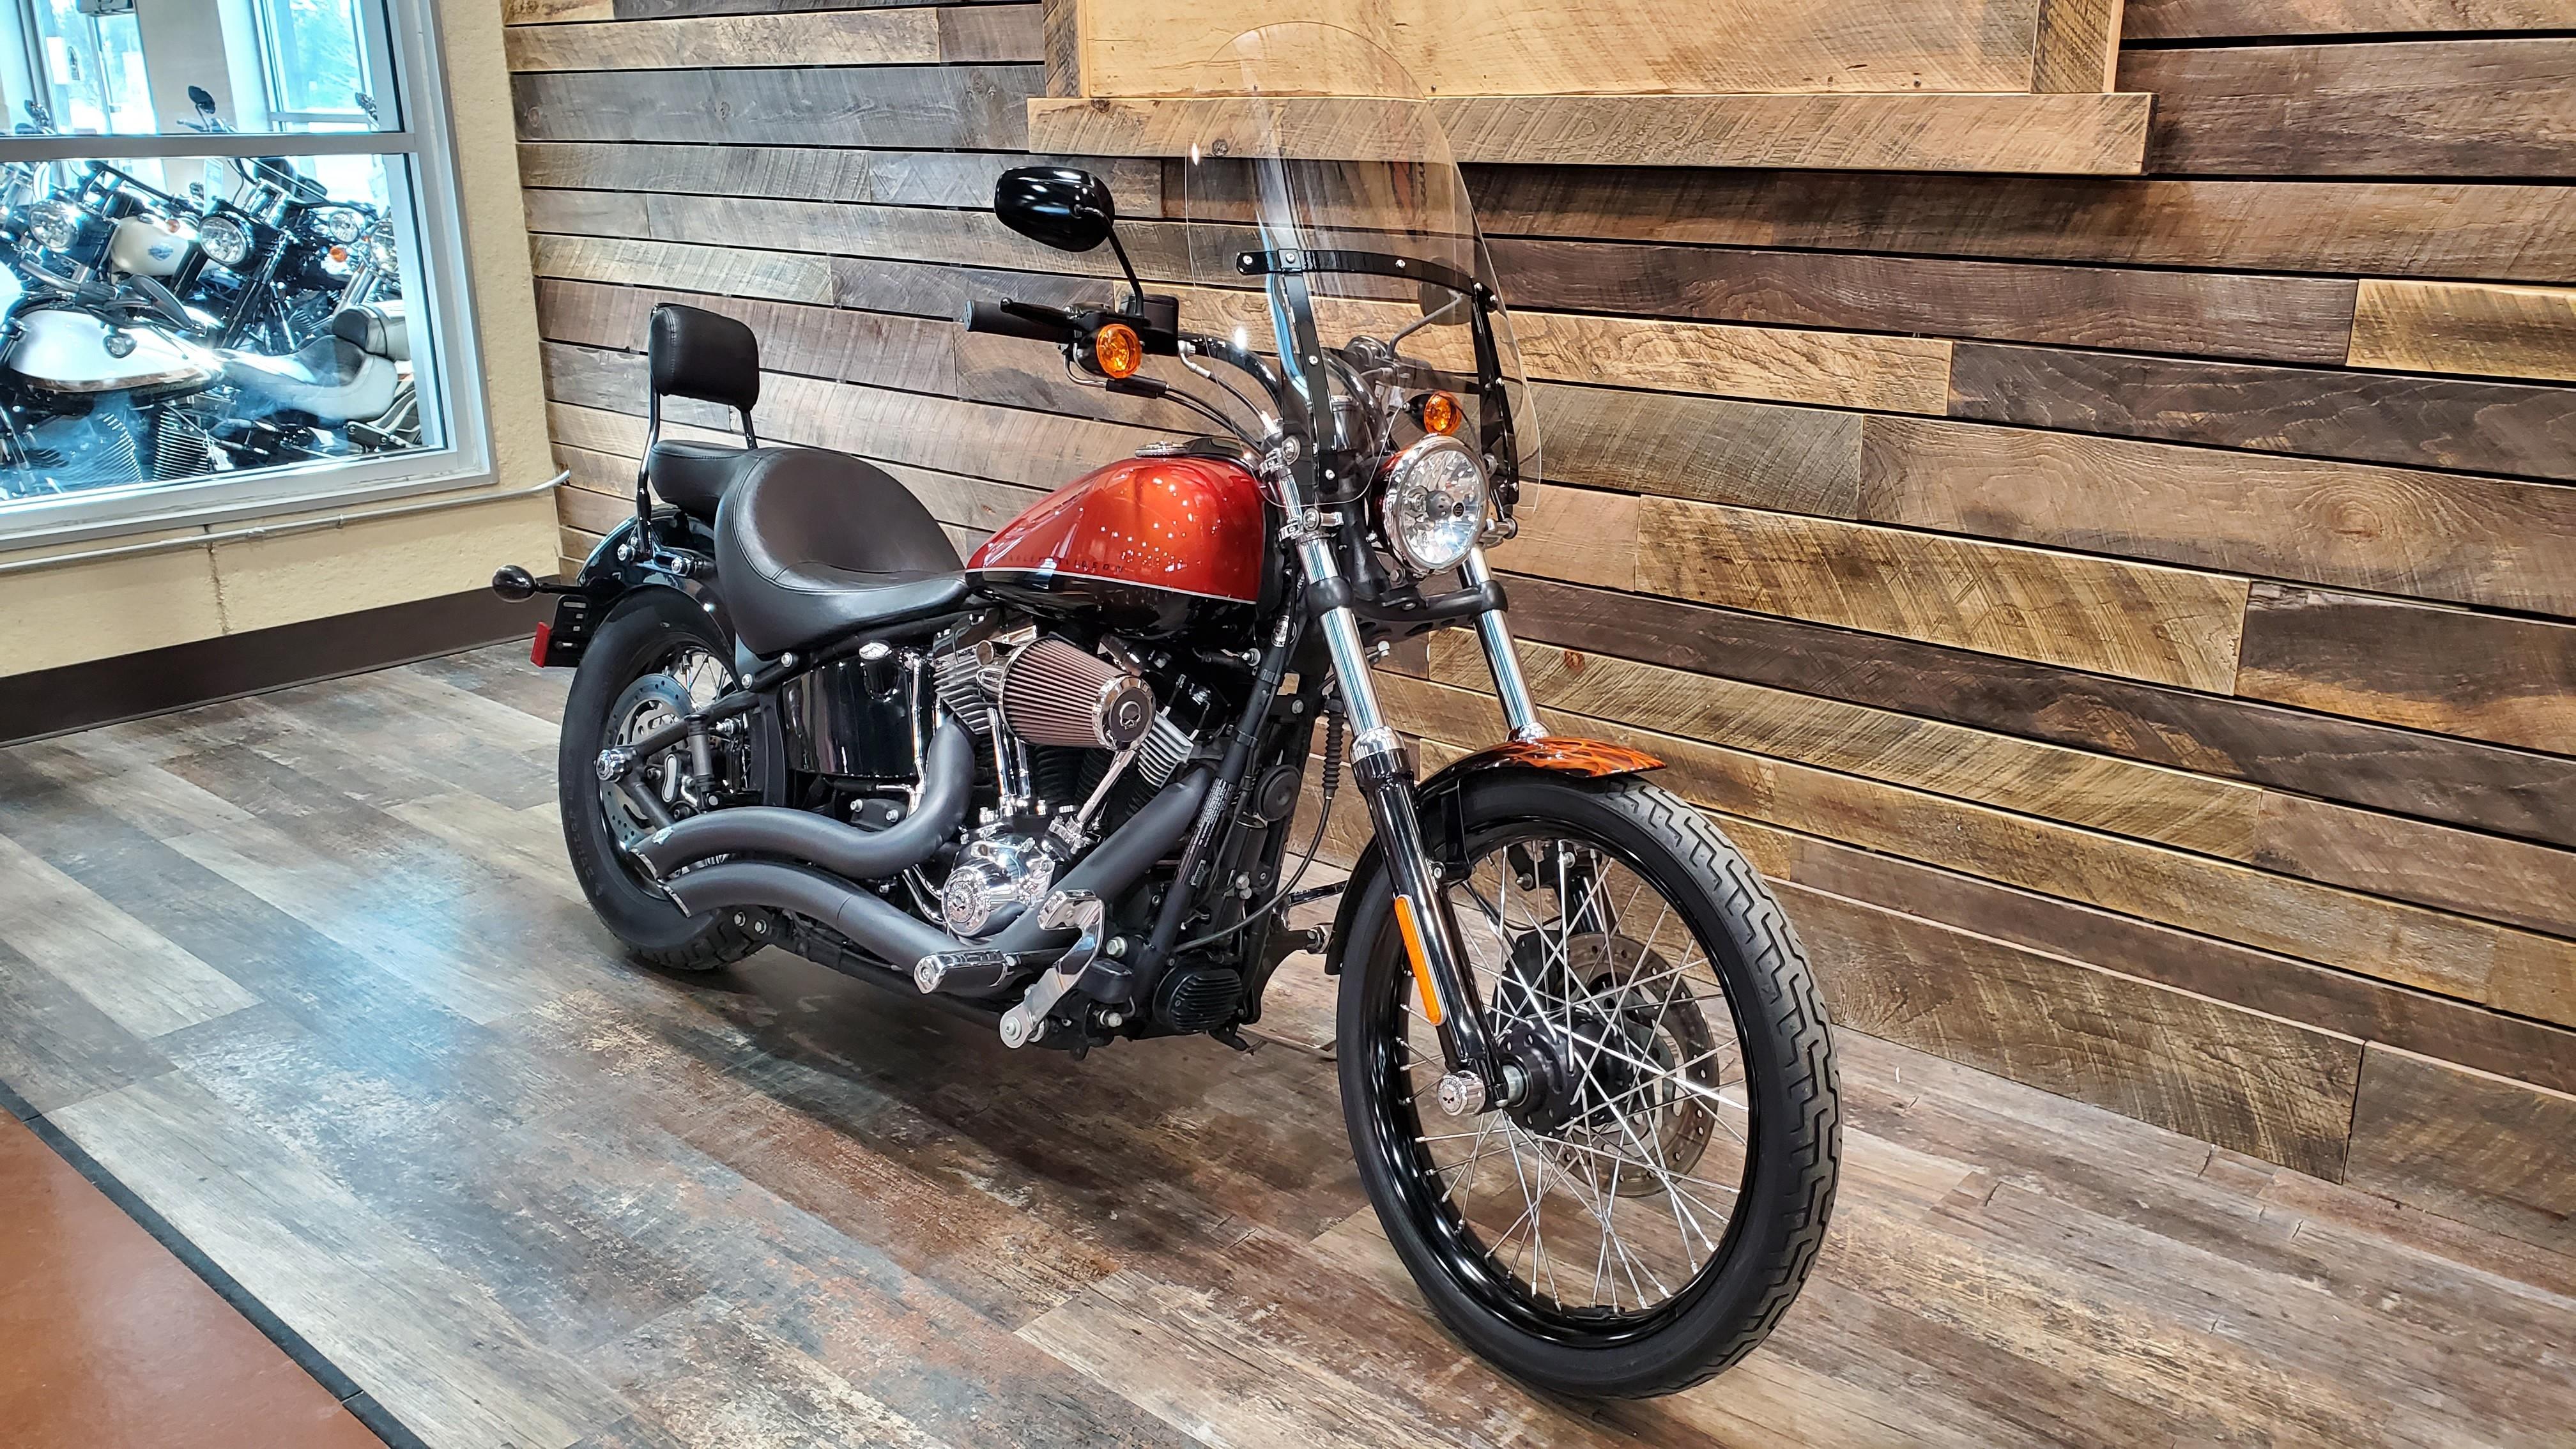 2011 Harley-Davidson Softail Blackline at Bull Falls Harley-Davidson